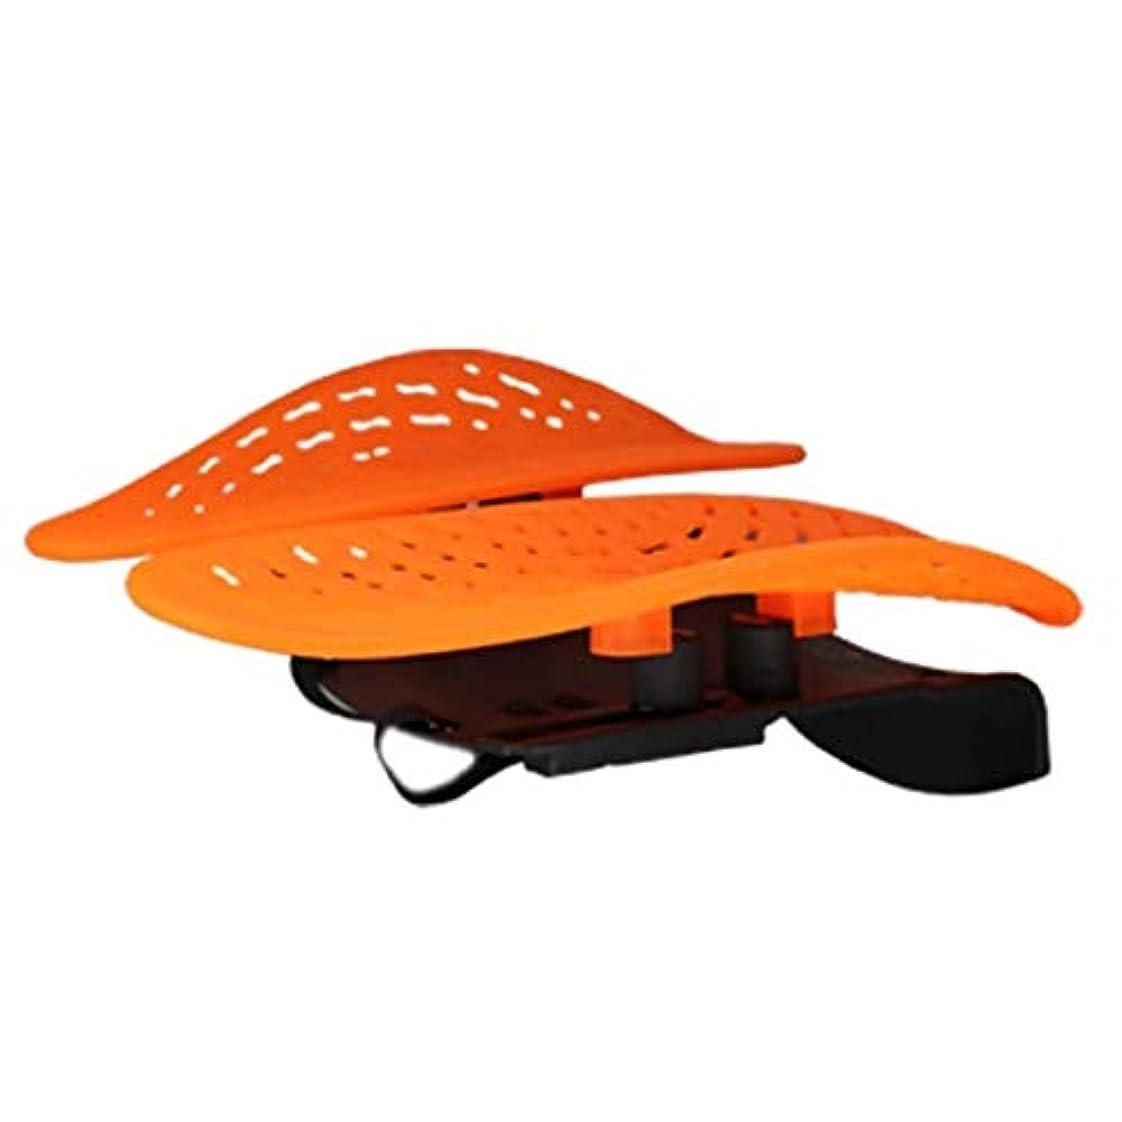 北方爆発する権限ウエストマッサージャー、腰椎サポートパッド、アイスシルクバックサポートパッド、ホーム/オフィスチェアや車に適し、背中の痛みを和らげる (Color : オレンジ)